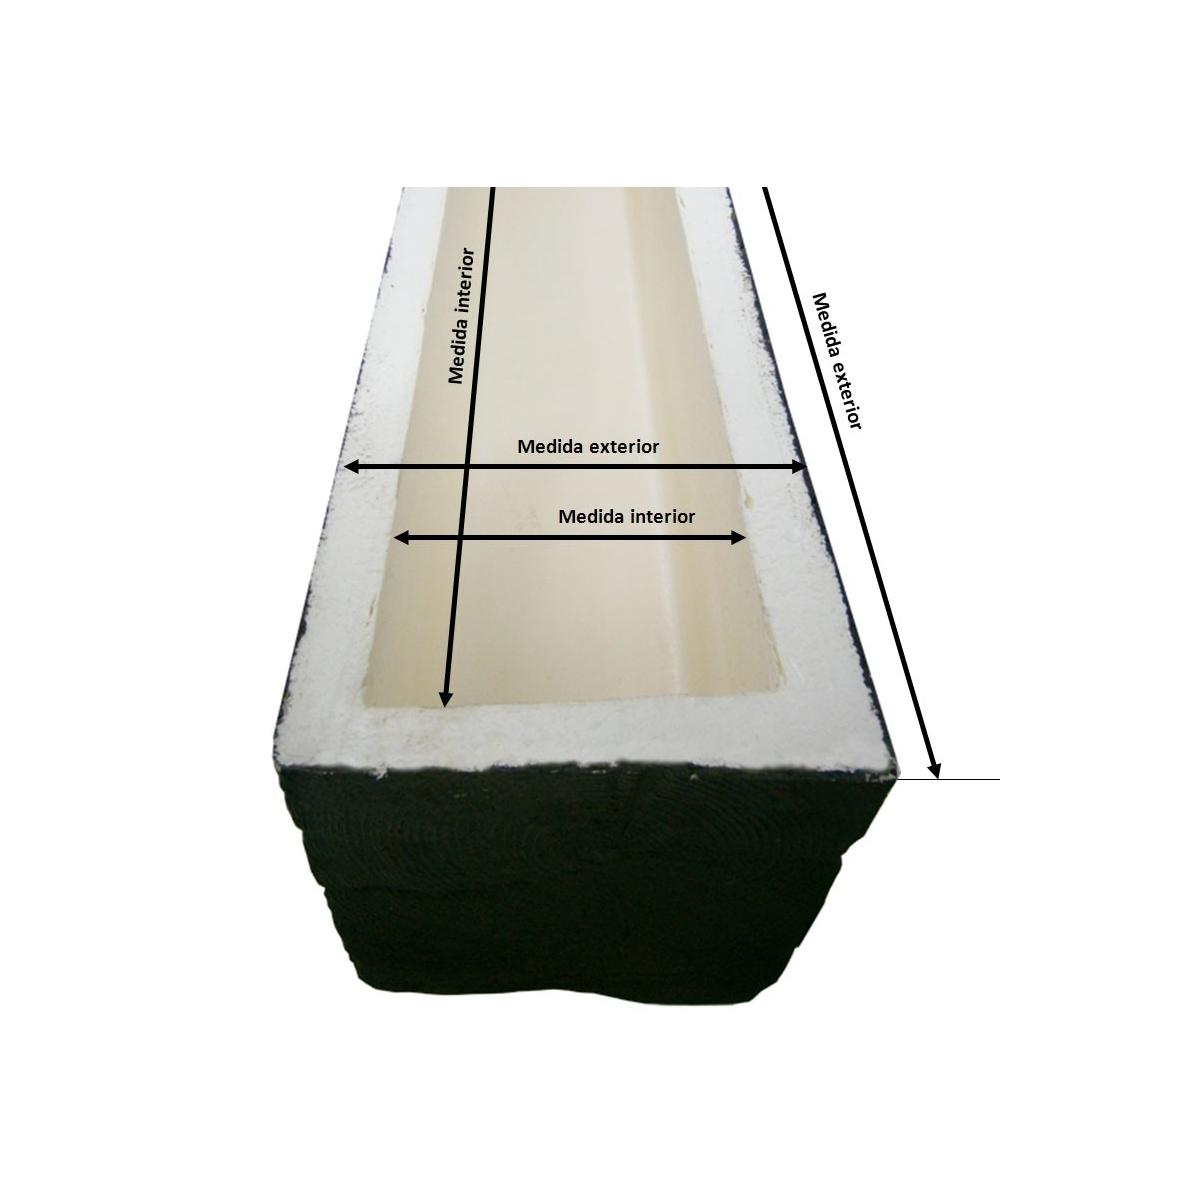 Viga imitación a madera 300x16x4,5 Grupo Unamacor Vigas imitación madera cuadradas